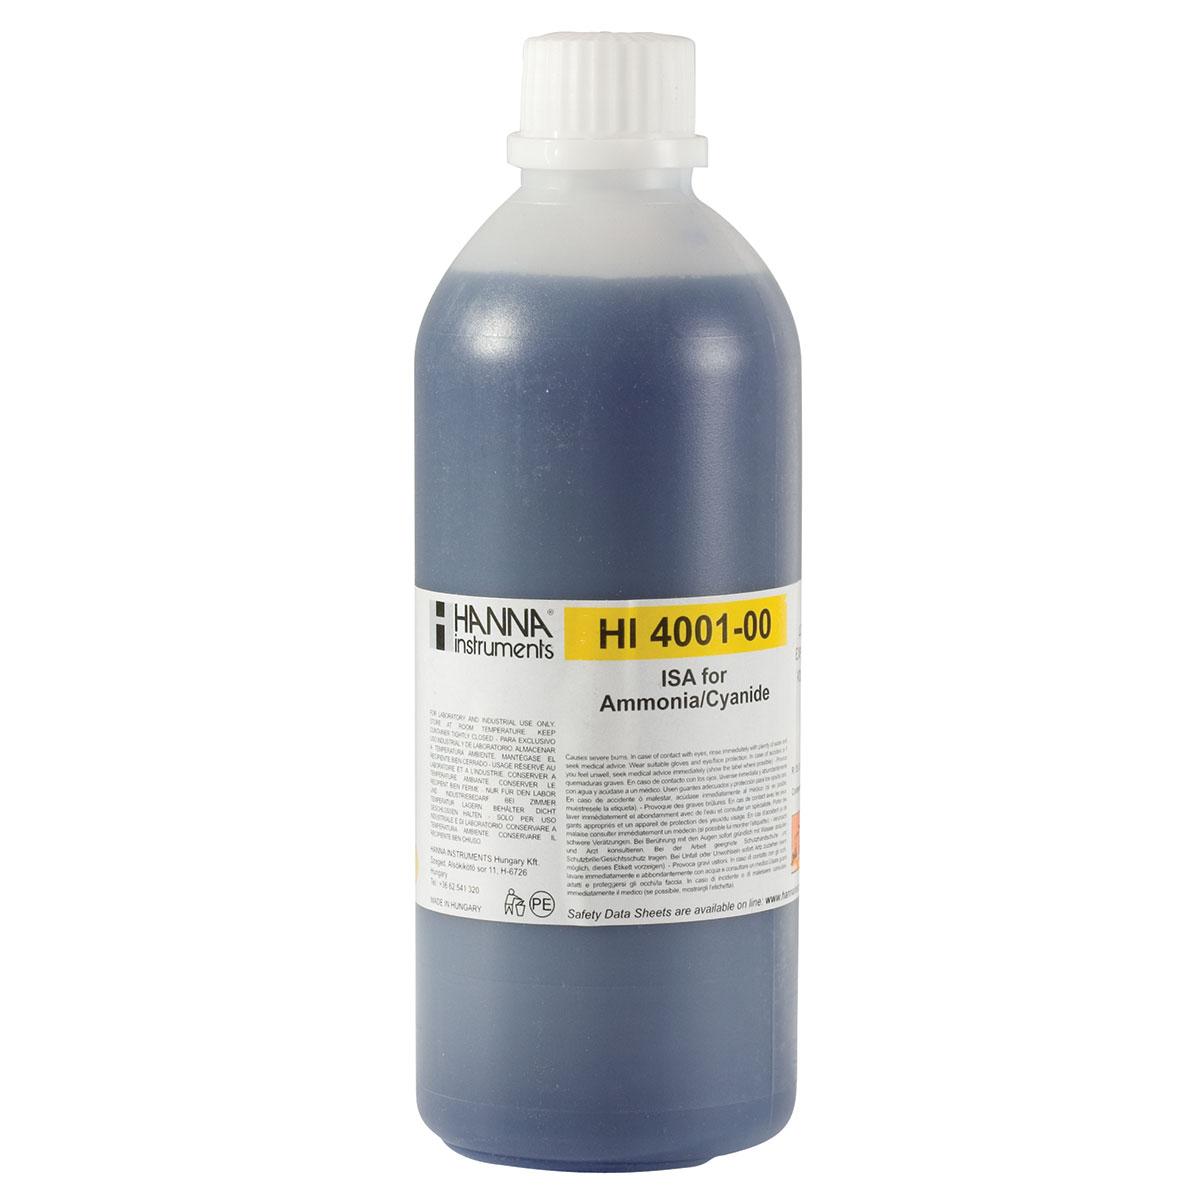 Ajustador de Fuerza Iónica (ISA) para ISEs de Amoníaco y Cianuro - HI4001-00